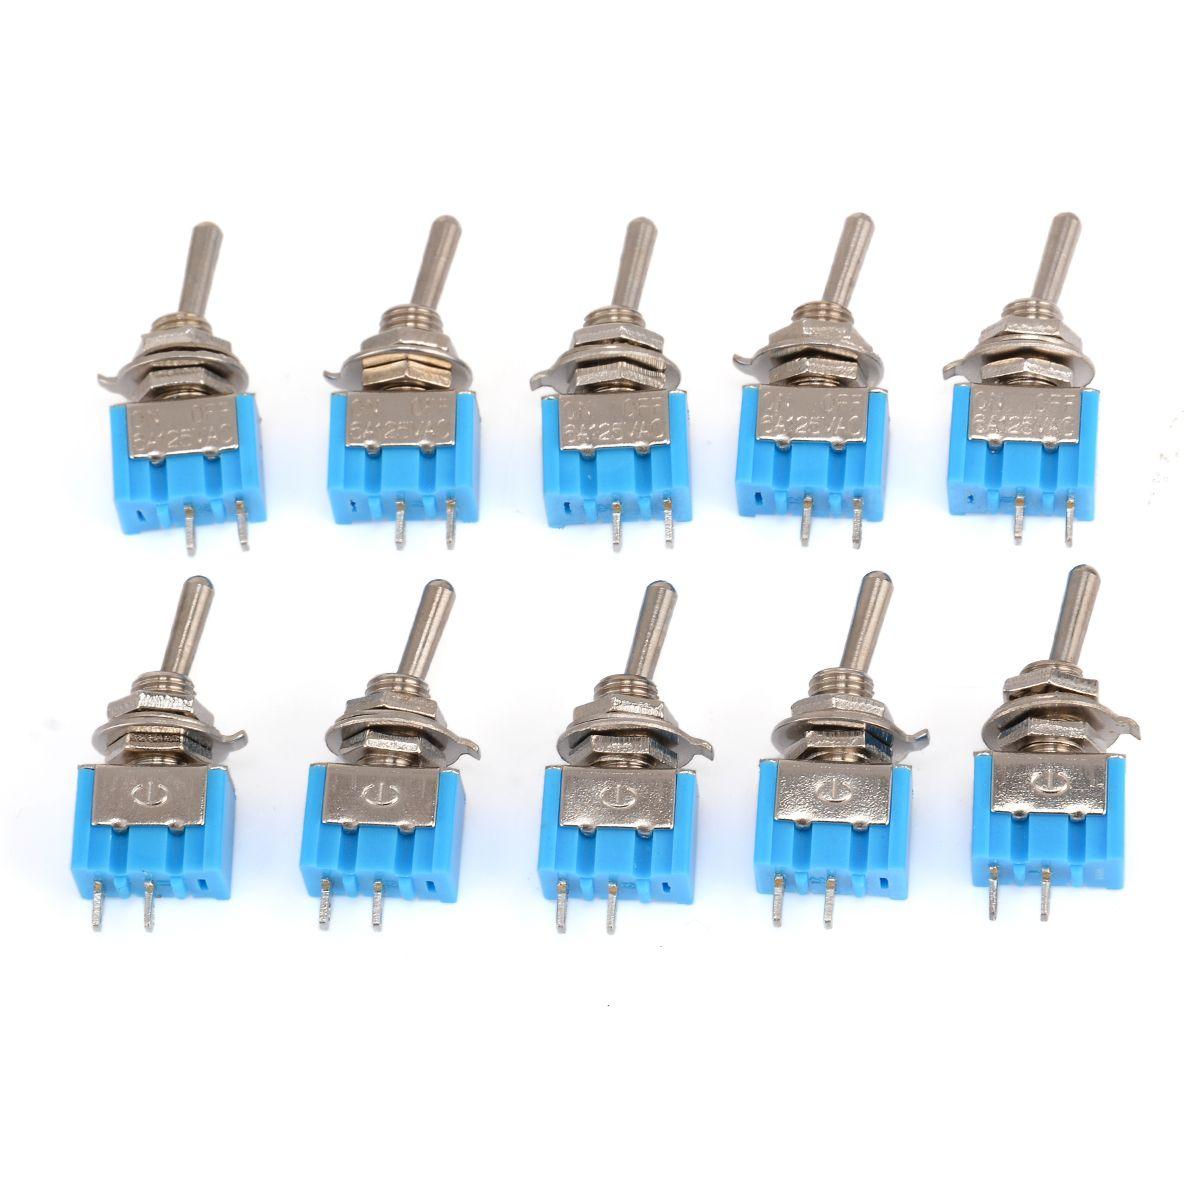 10 stücke MTS-101 2 Pin SPST Switch ON-OFF 2 Position 6A 250 v AC Mini Kippschalter 33 * 13*8mm Mayitr Elektrische Liefert